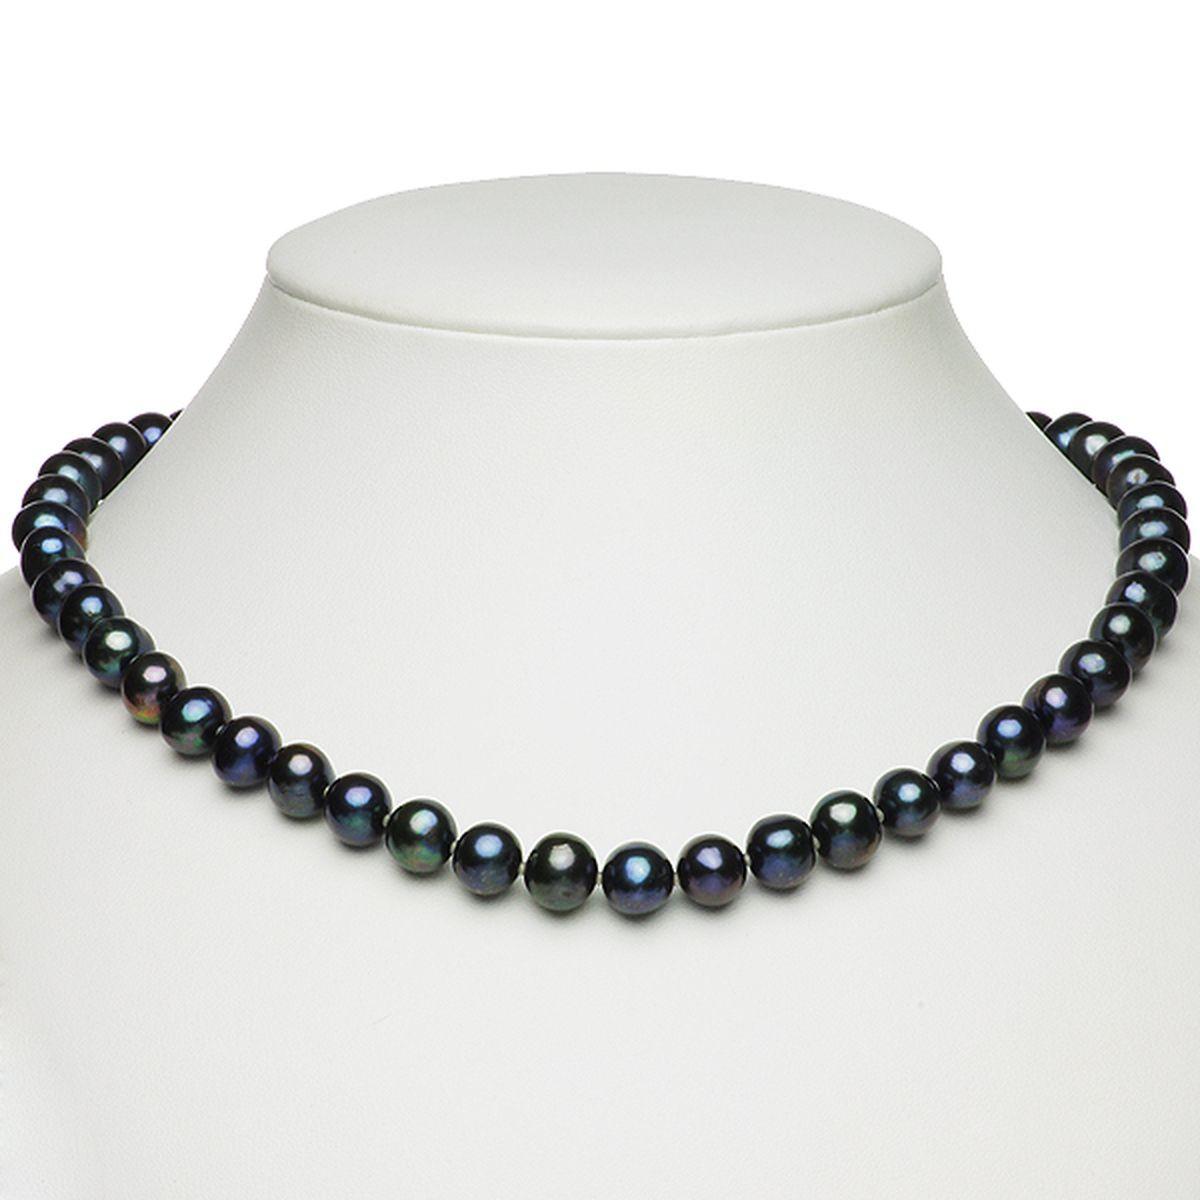 淡水真珠オリジナルデザインネックレス 約8.0-9.5mmの写真